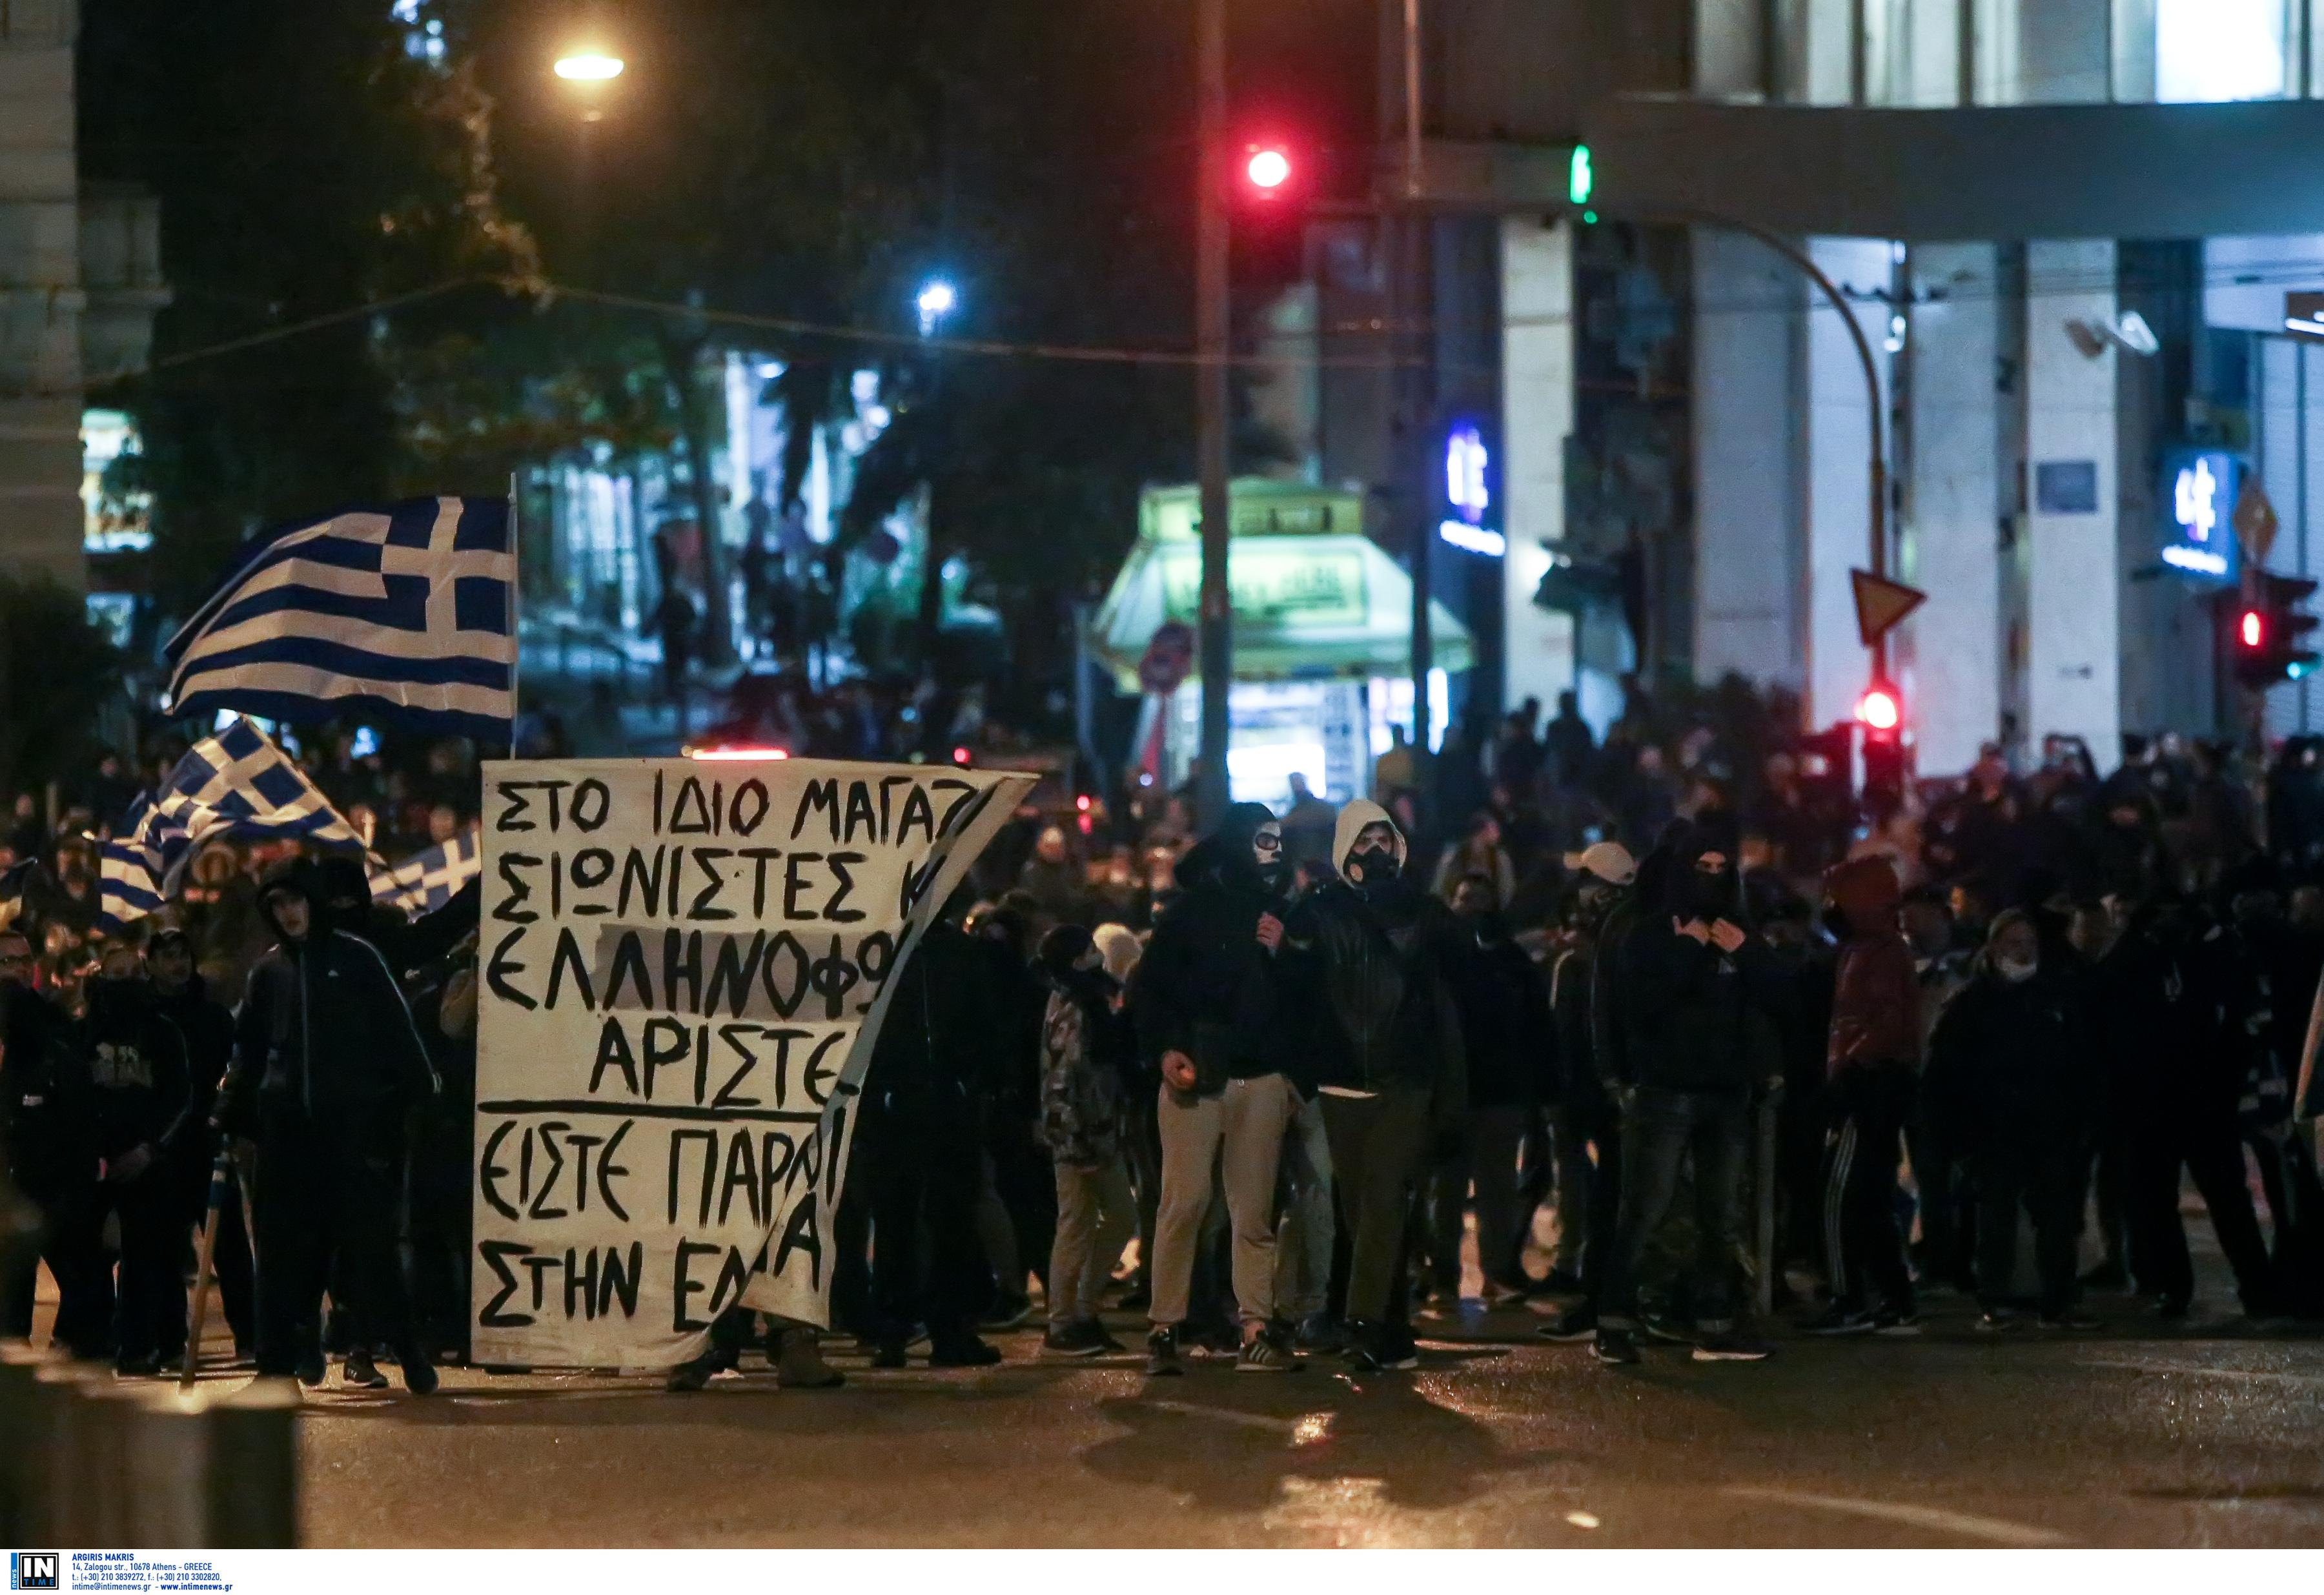 entasi-kai-chimika-sto-syntagma-amp-8211-se-10-syllipseis-kai-133-prosagoges-prochorise-i-elas-fotografies-vinteo2